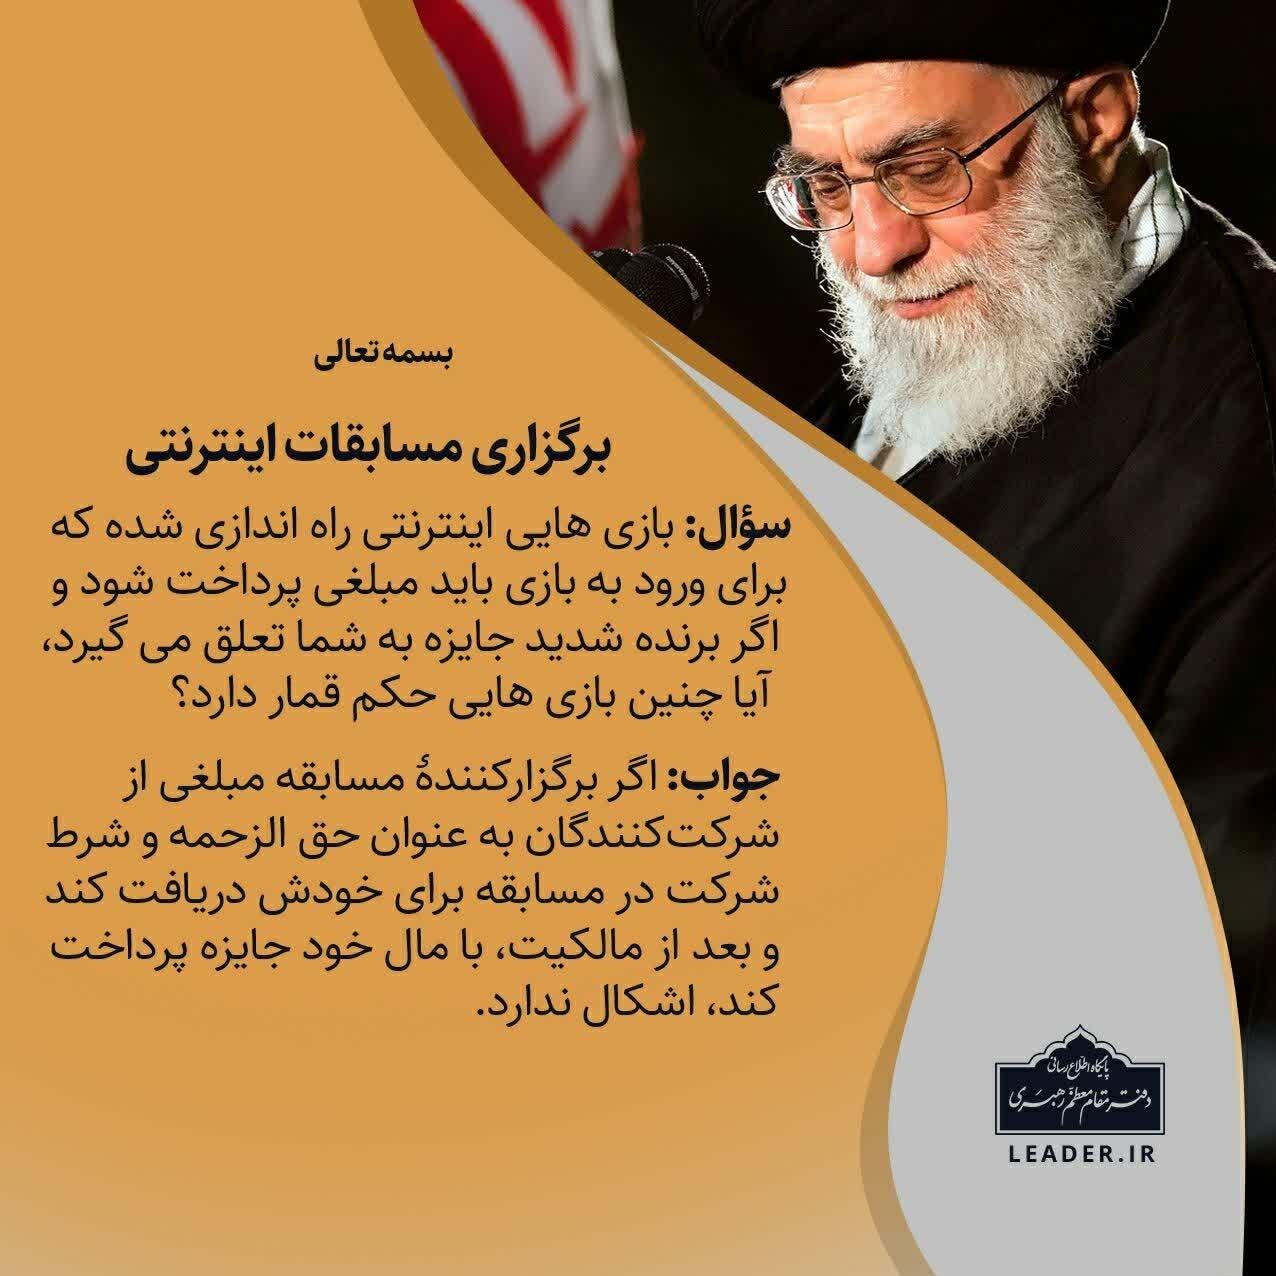 احکام دینی , امام خامنهای ,